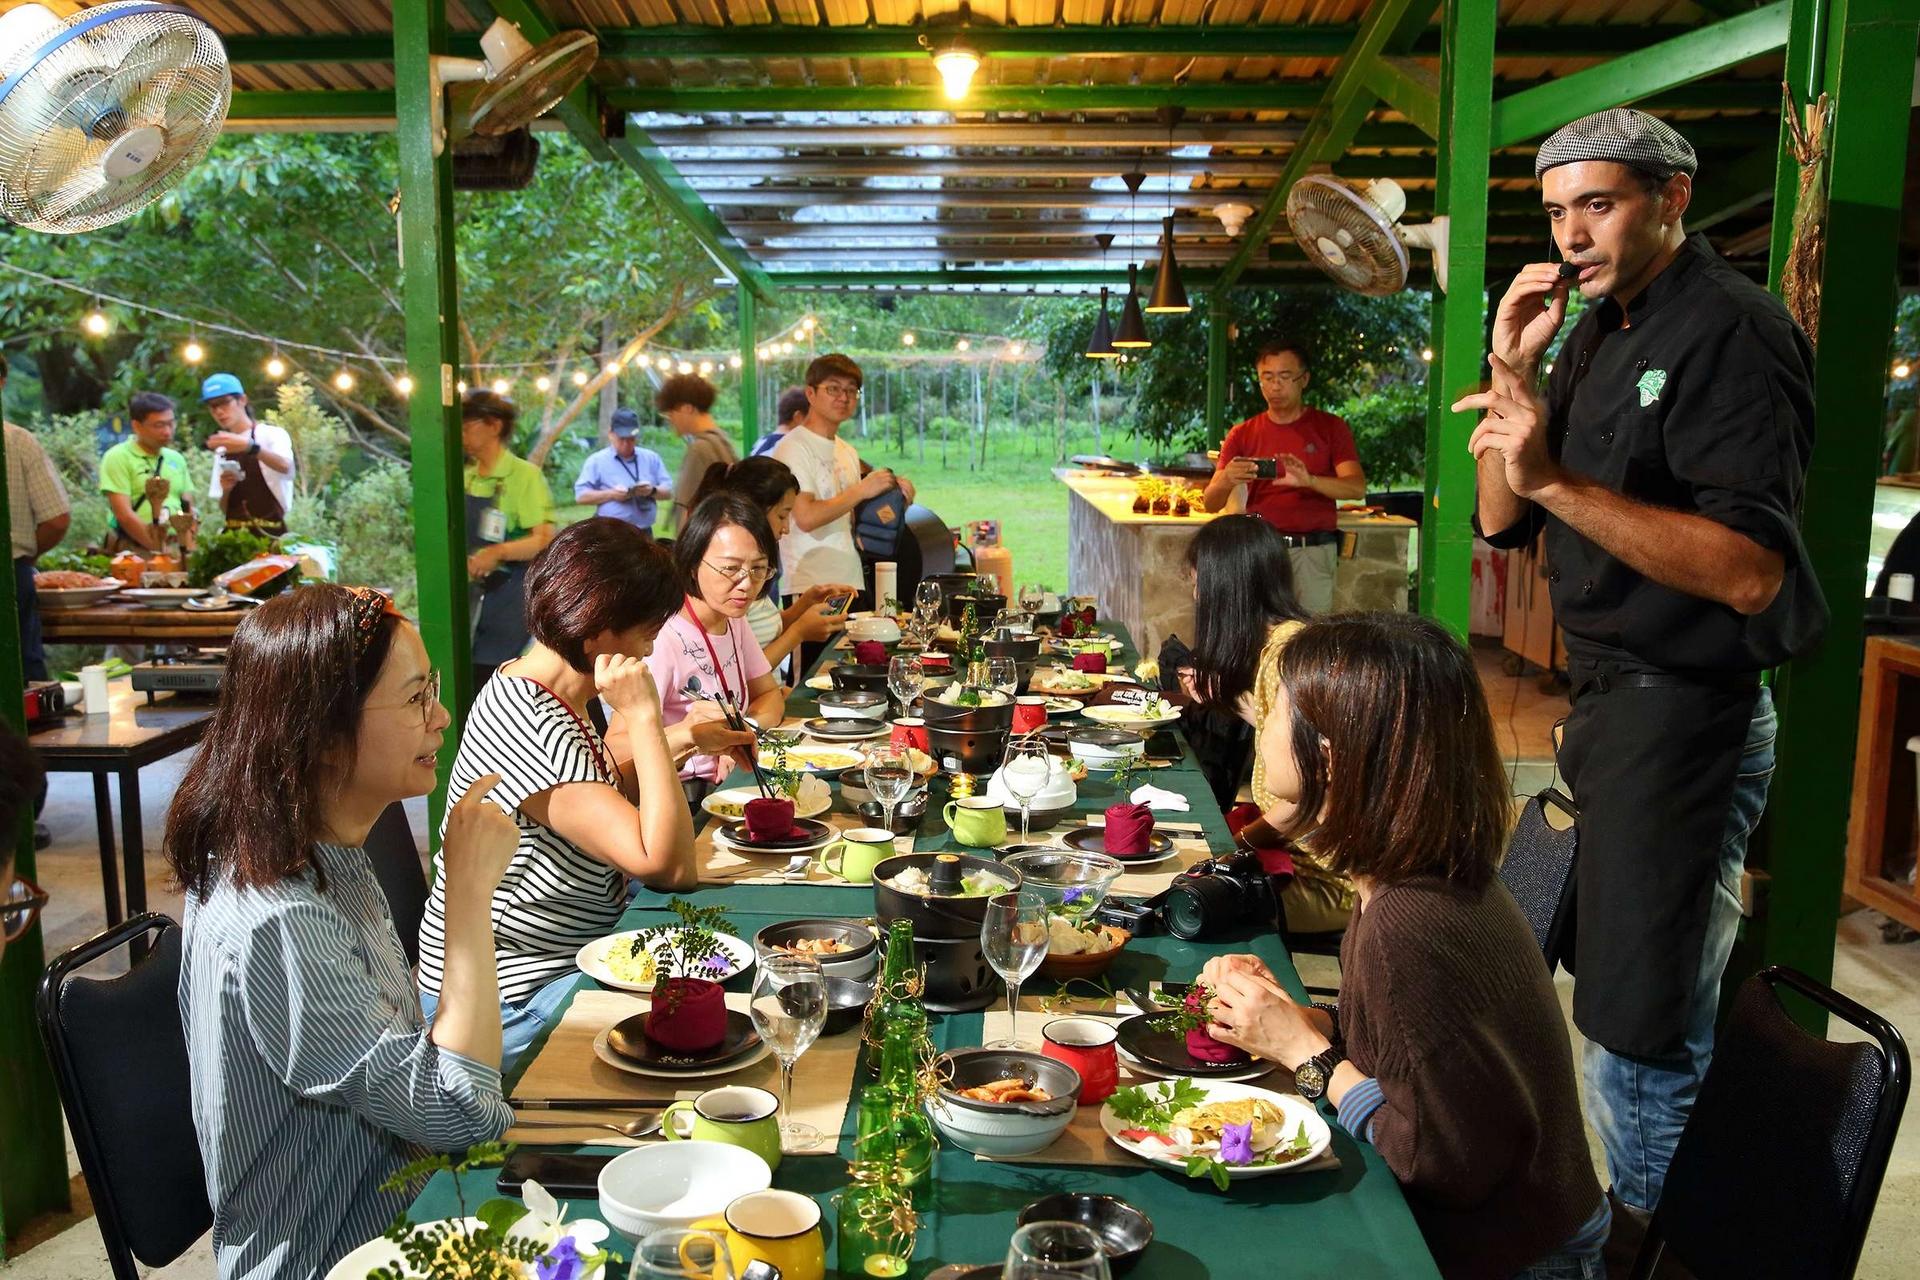 頭城農場綠色廚房大廚吳小龍(David)在一場農村廚房體驗活動中,以農場栽種的蔬果和植物烹調特色美食及設計擺盤,也帶領民眾認識在地食材。近年來,頭城農場積極導入循環農業理念,推廣「吃當地、食當令」低碳食物里程,並成為臺灣第一個得到GSTC全球永續旅館認證的休閒農場,食農教育和環境生態餐飲美學是農場耕耘的方向,而農場擁有自然溪流和茂密青翠的林相、廣闊的有機耕作稻田、果園和蔬菜園等,是環境教育的理想場所。